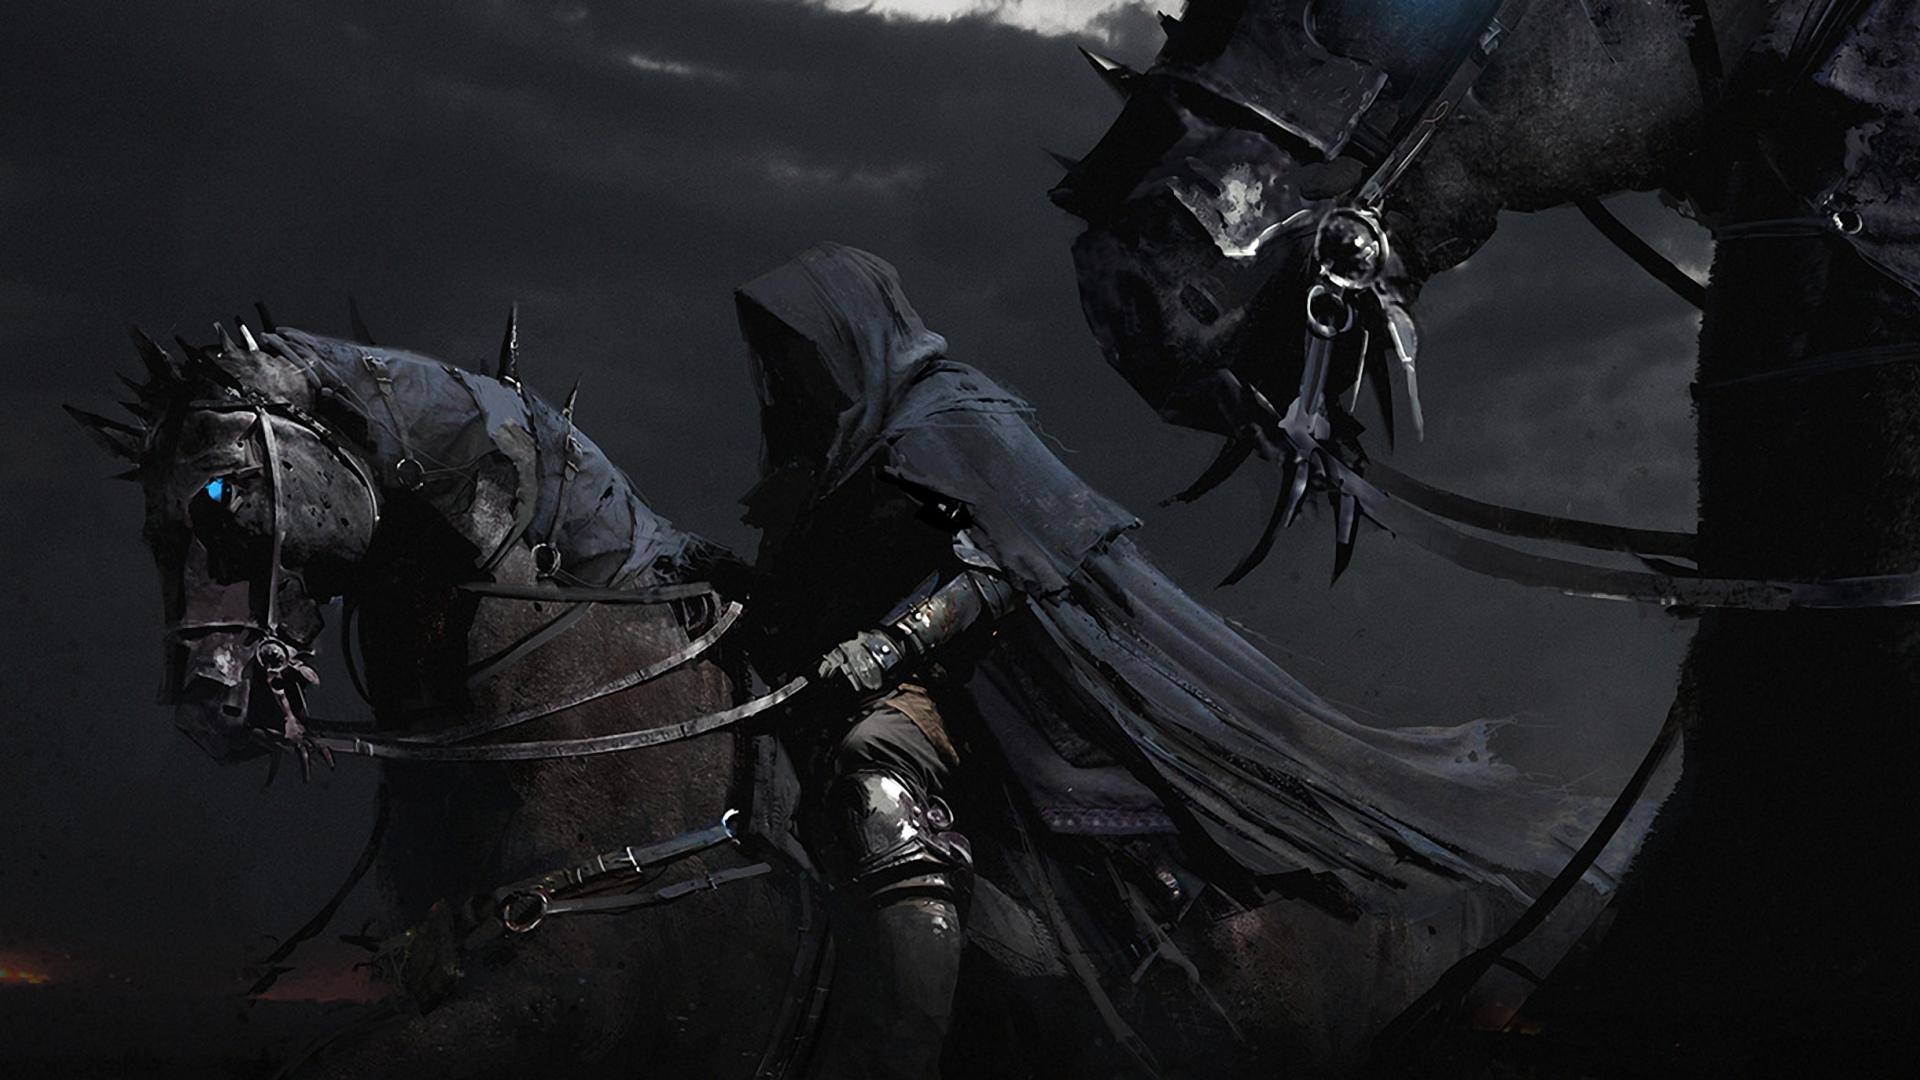 O Cavalo E O Diabo Livres De Todo Mal